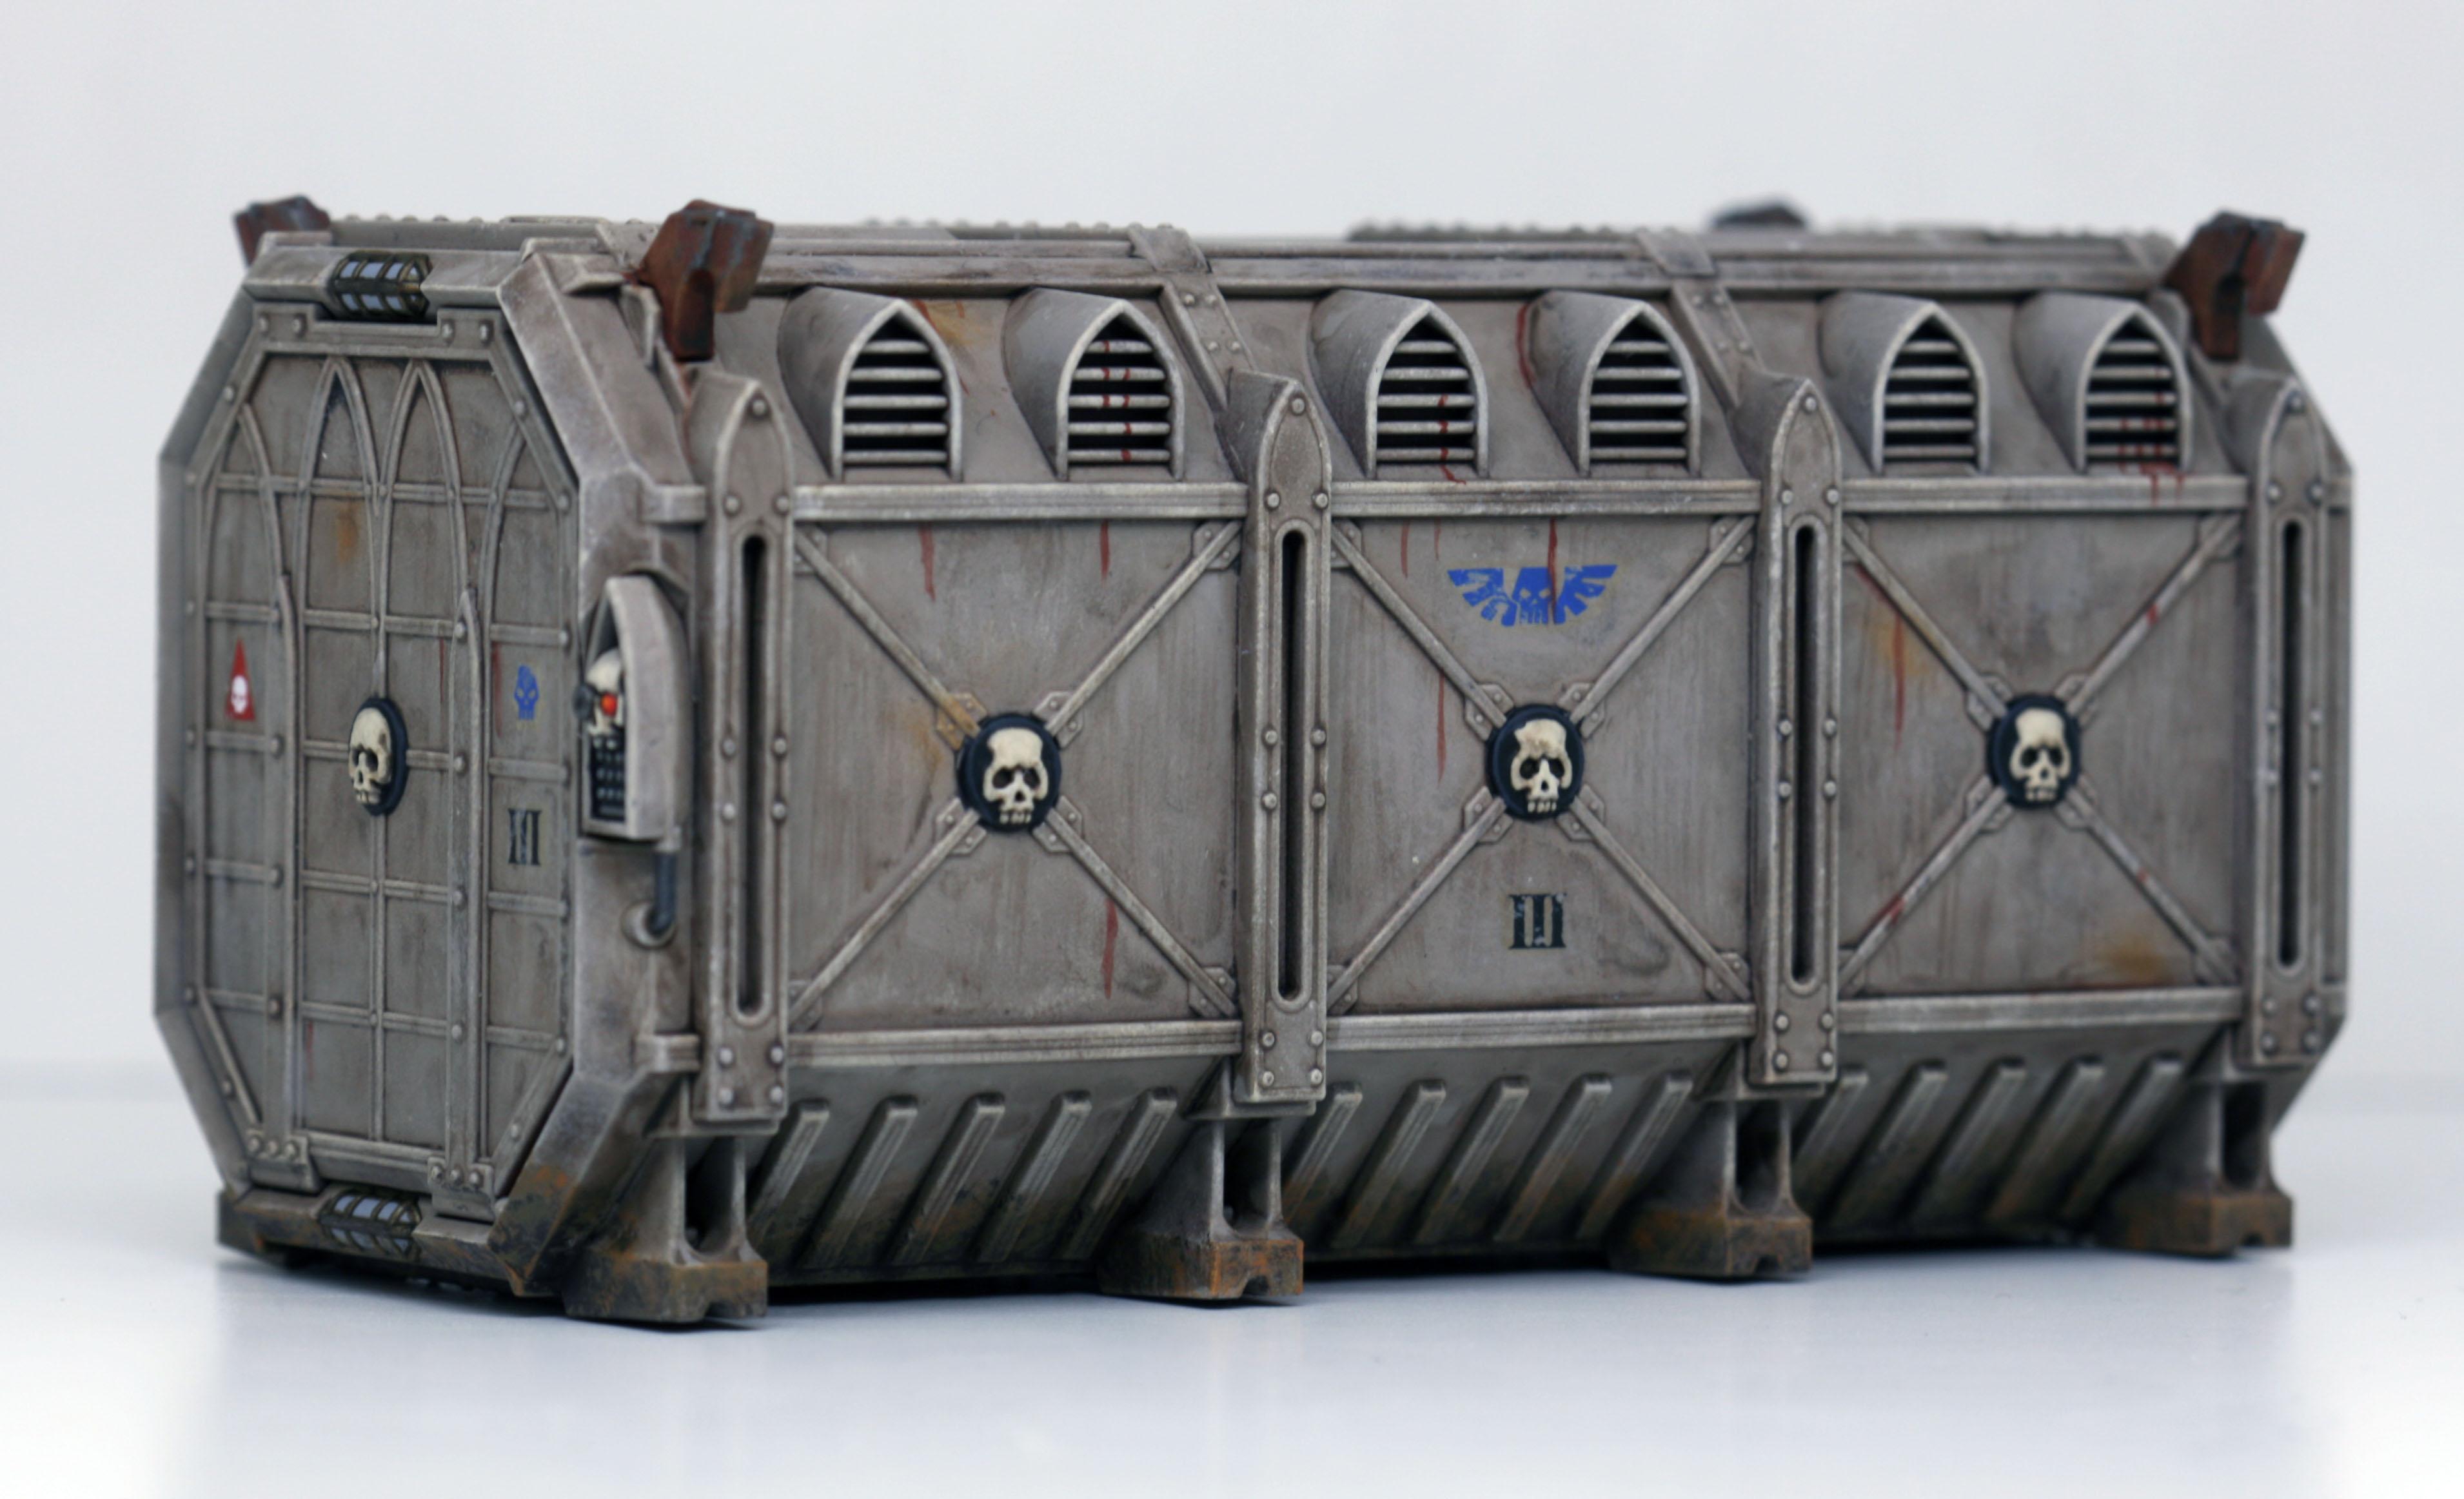 Container, Sector Munitorum